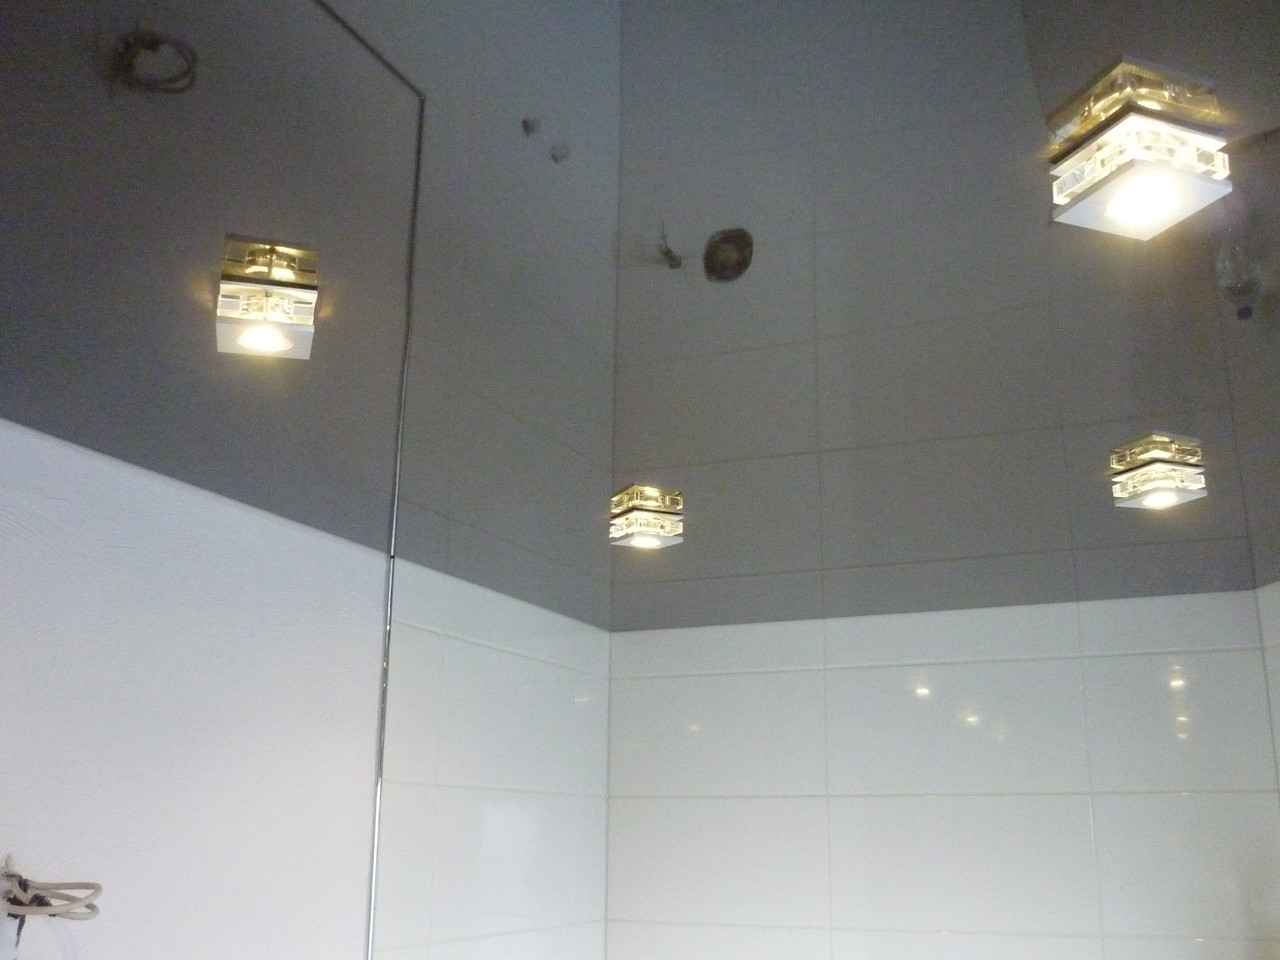 Spanndecke Schoko glänzend Unna Badezimmer